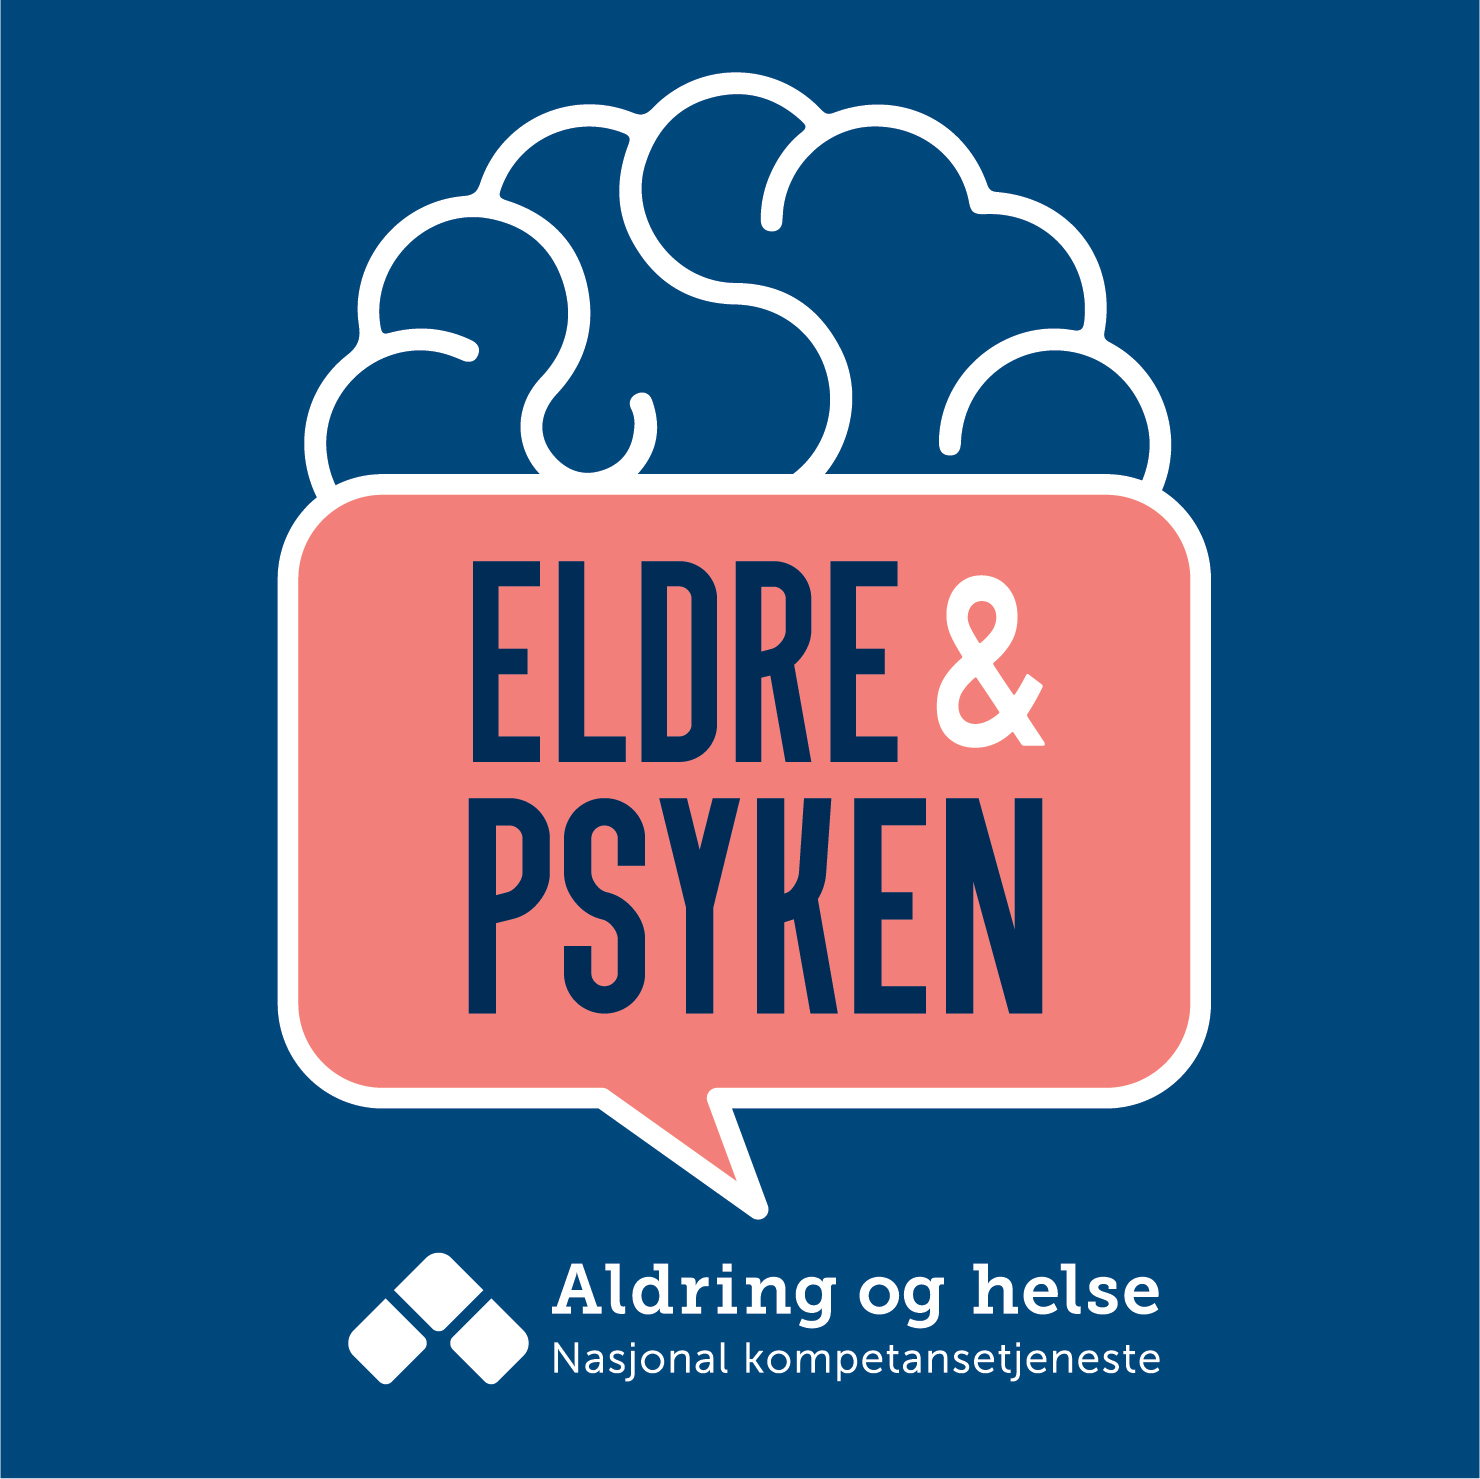 Logo podkast Eldre og psyken. Grafisk element